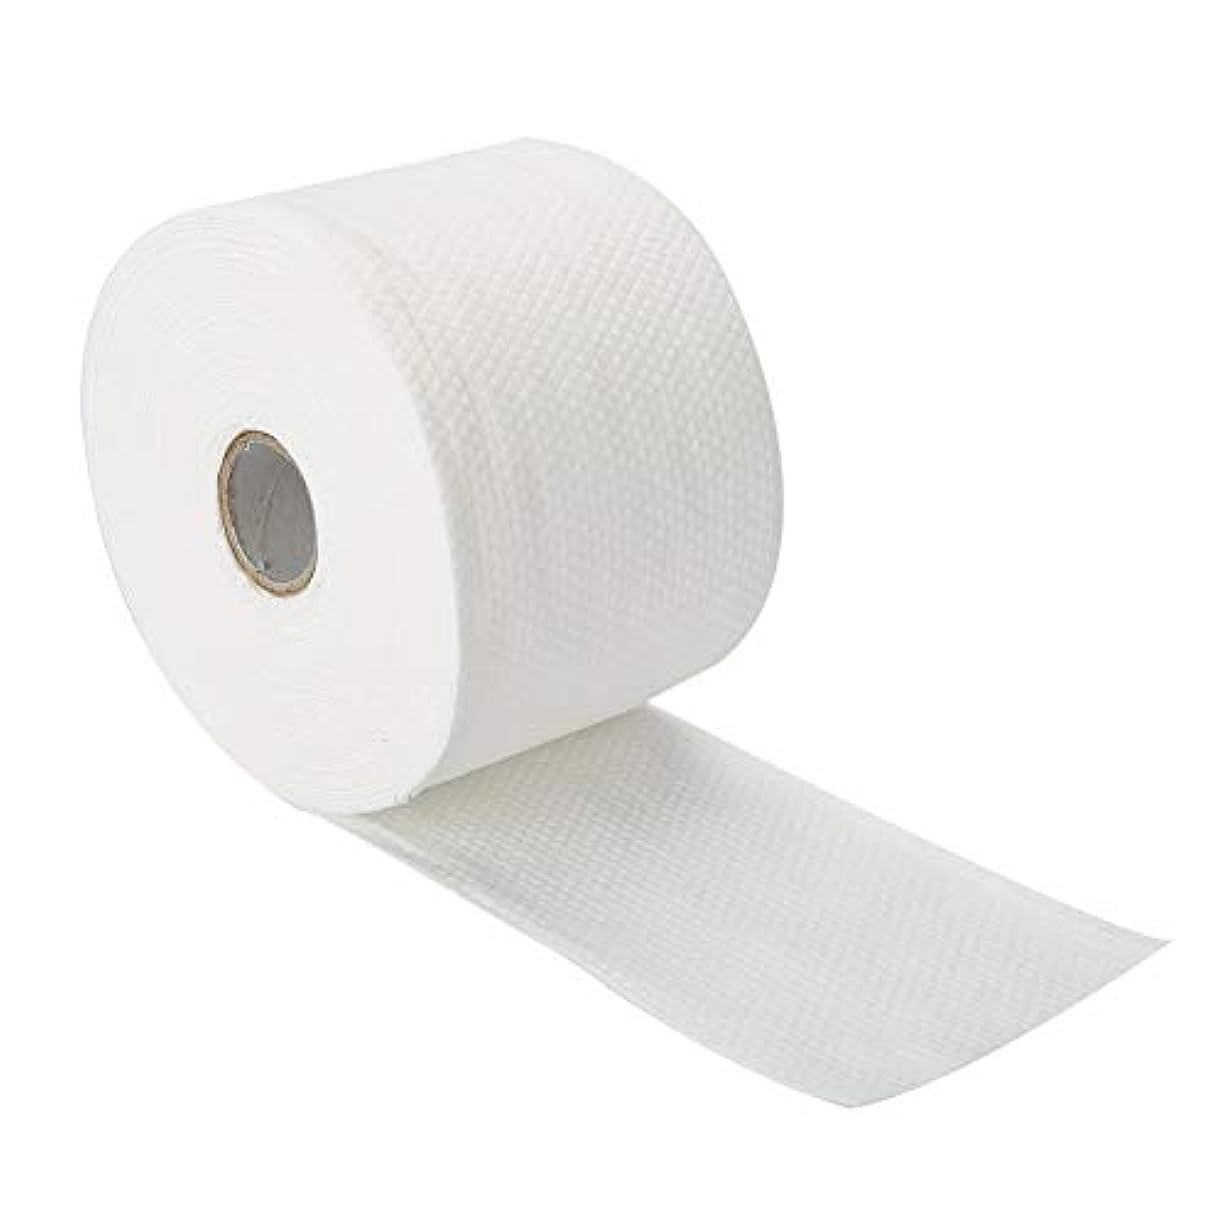 通信するファランクスアッパー構造の使い捨て可能 表面 タオル 柔らかい Nonwoven クリーニングの化粧品の綿パッド25m